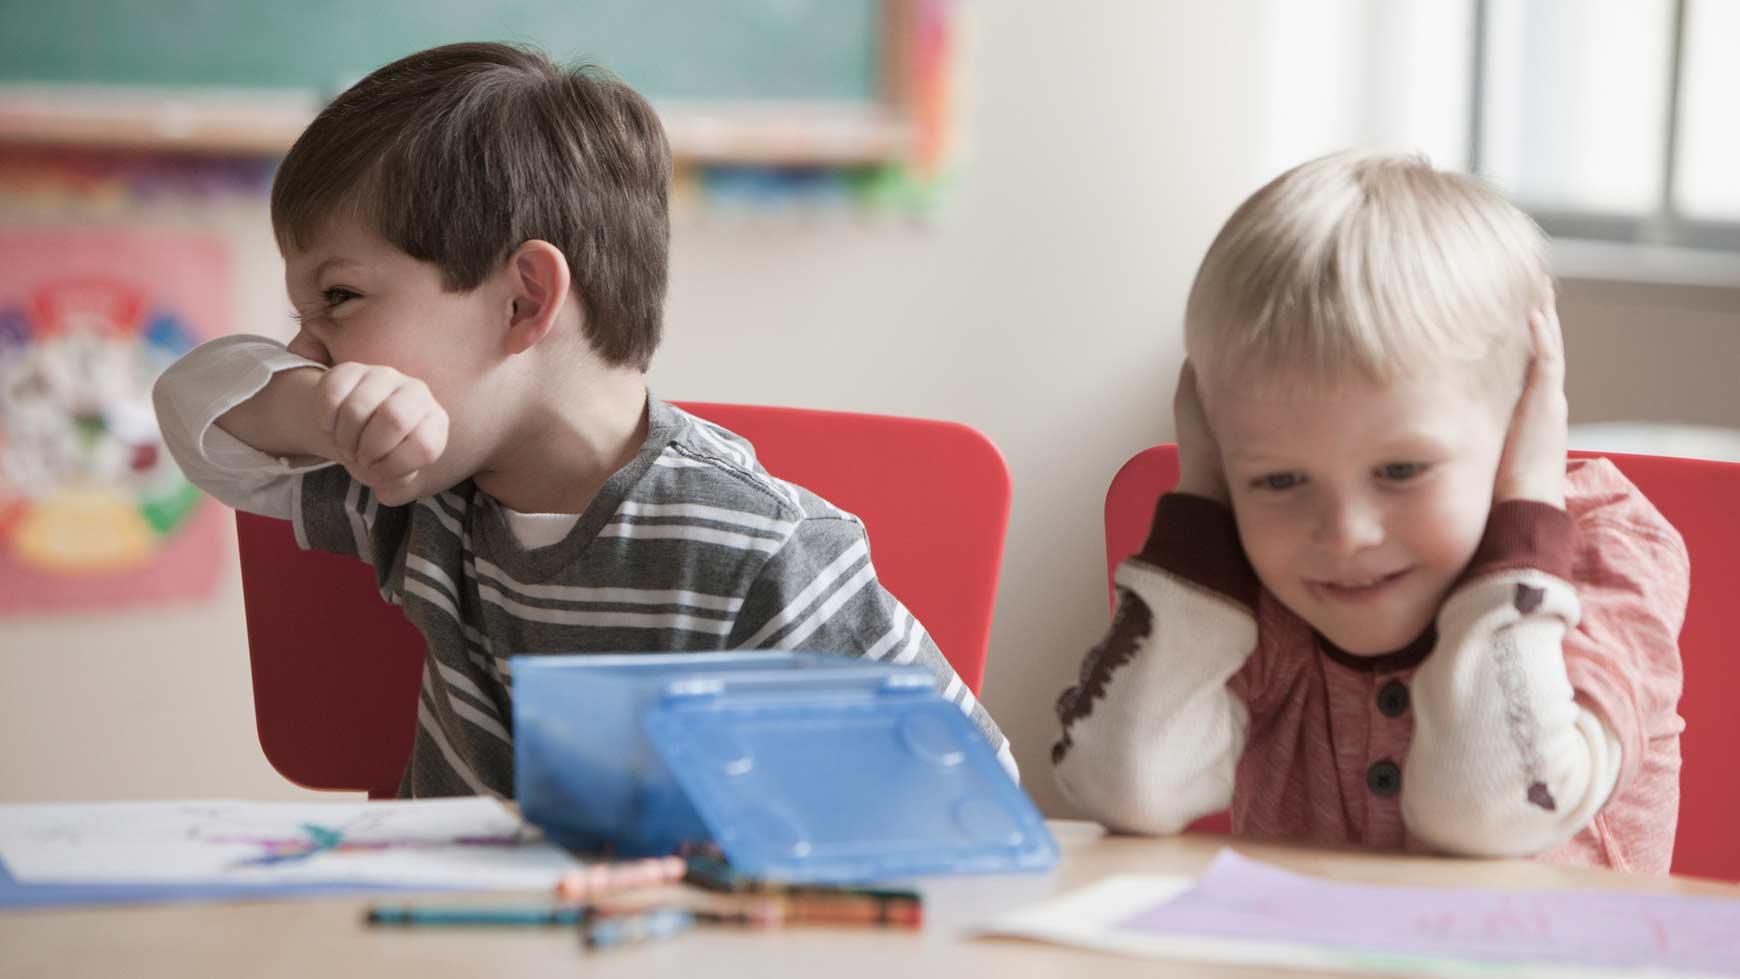 Trastornos del procesamiento o integración sensorial en niños. – Fun4us